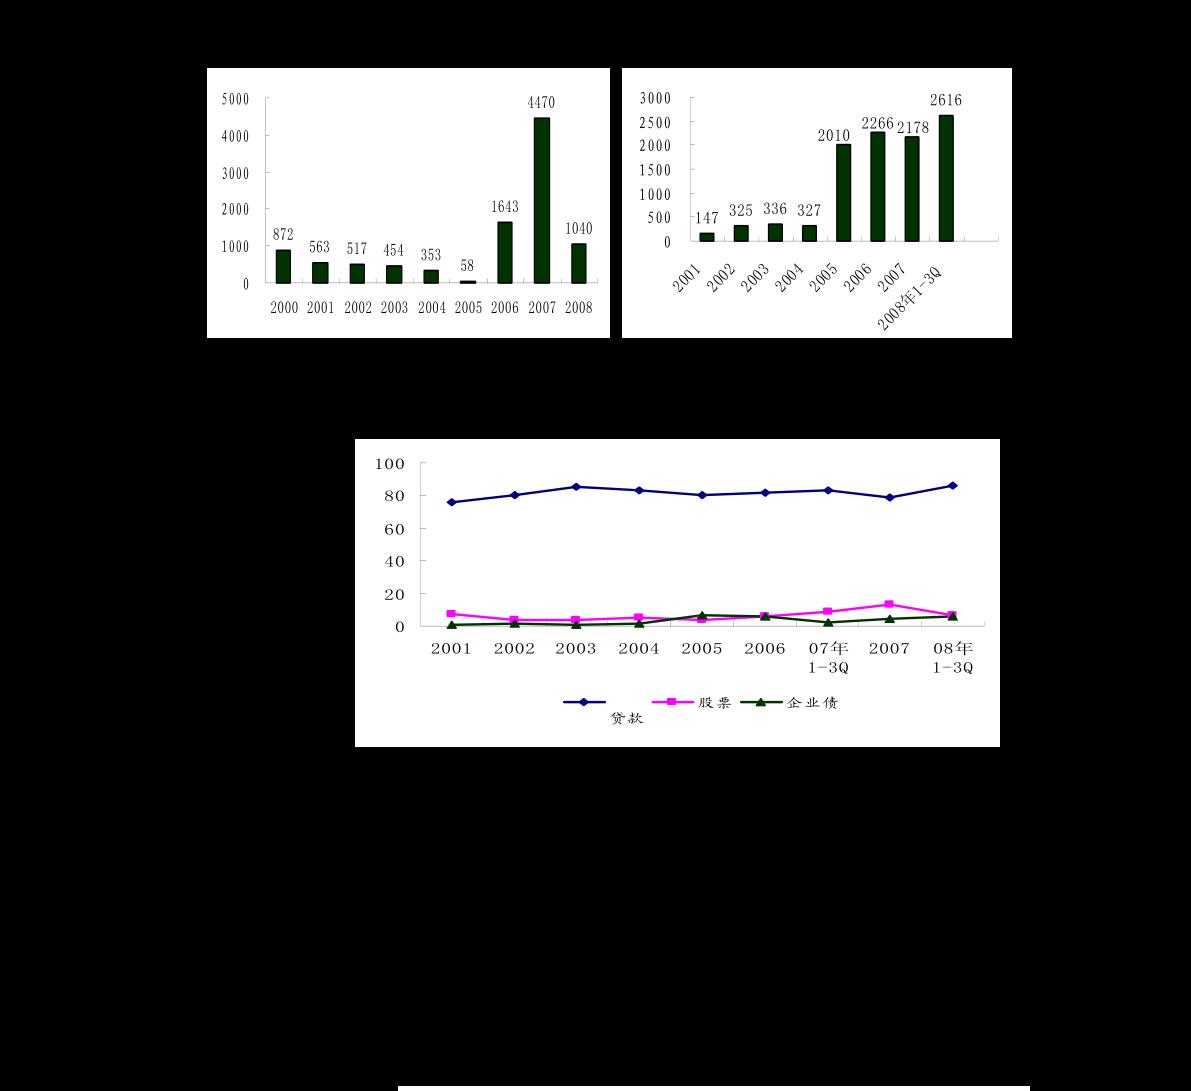 光大雷火电竞平台-电力设备新能源雷火网址固态电池跟踪报告之一:蔚来发布固态电池方案,对雷火网址的冲击有限-210110